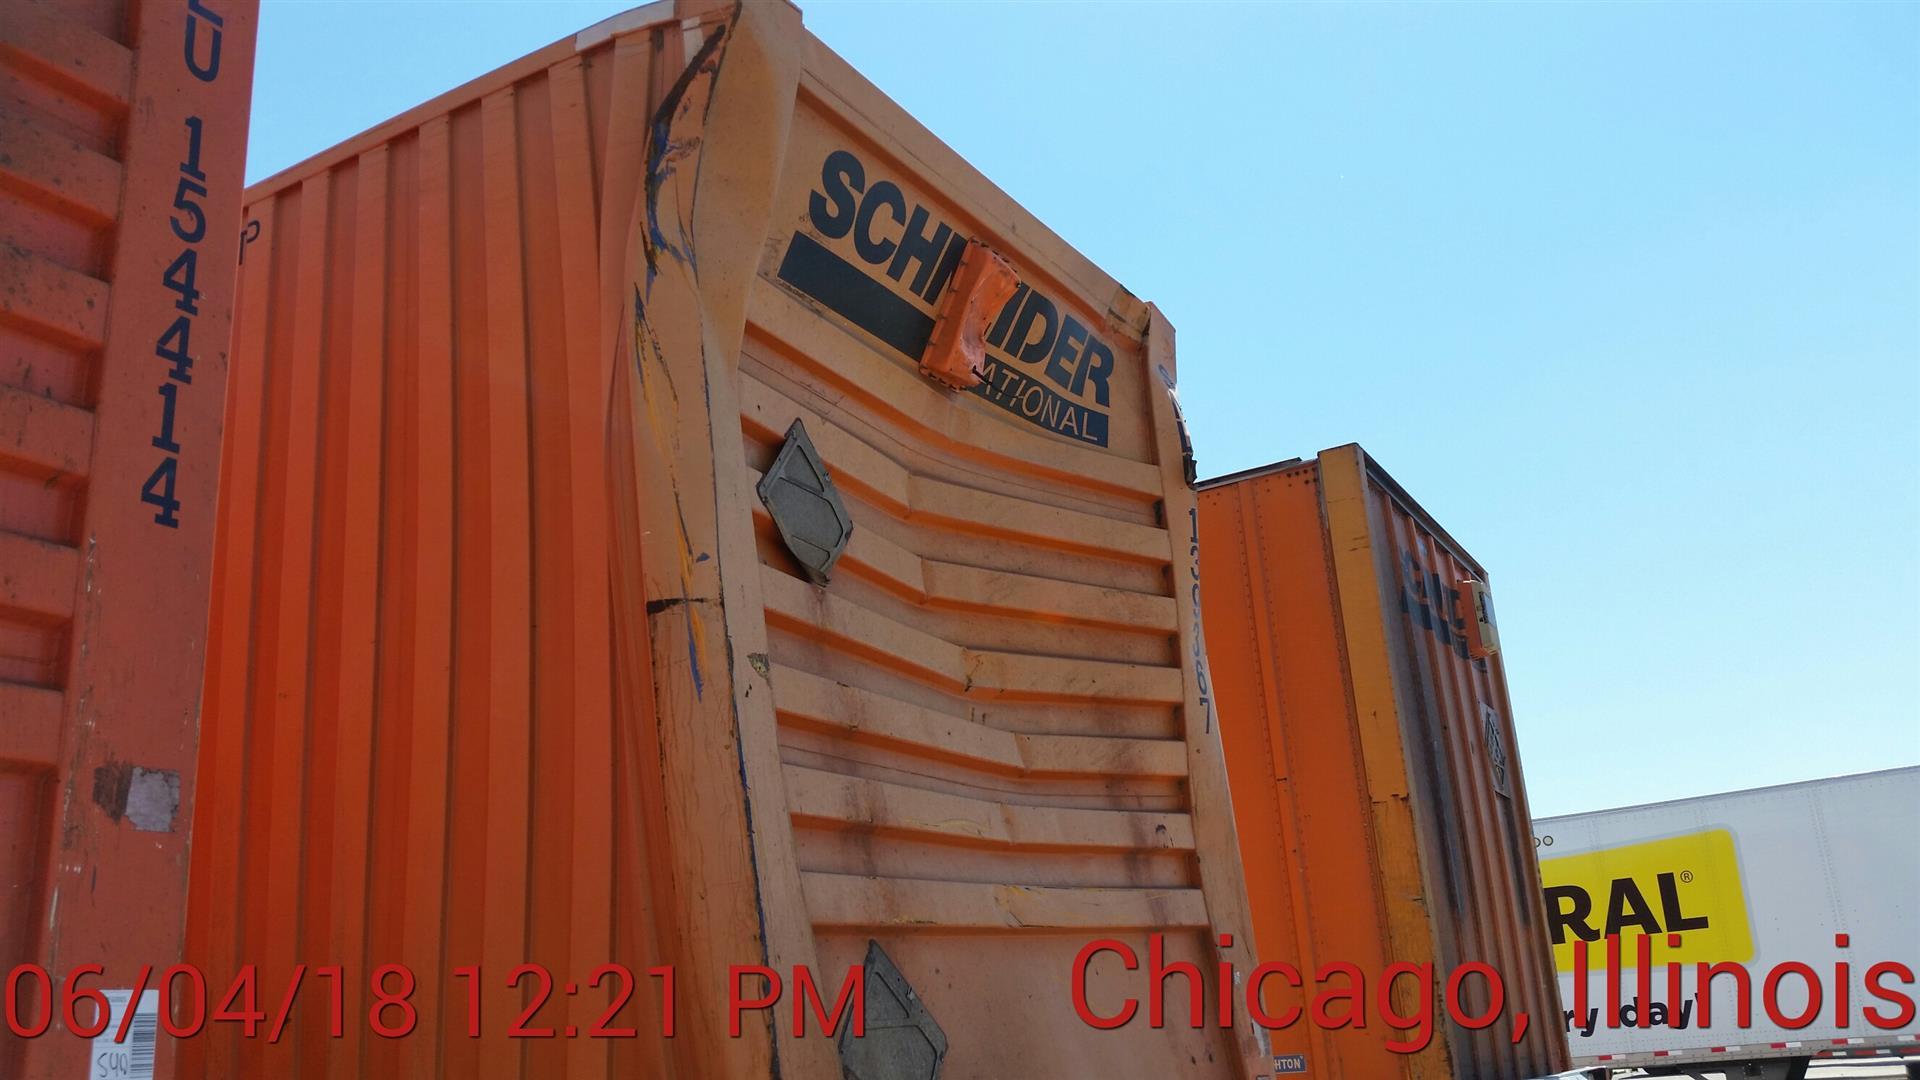 2012 CIMC Container